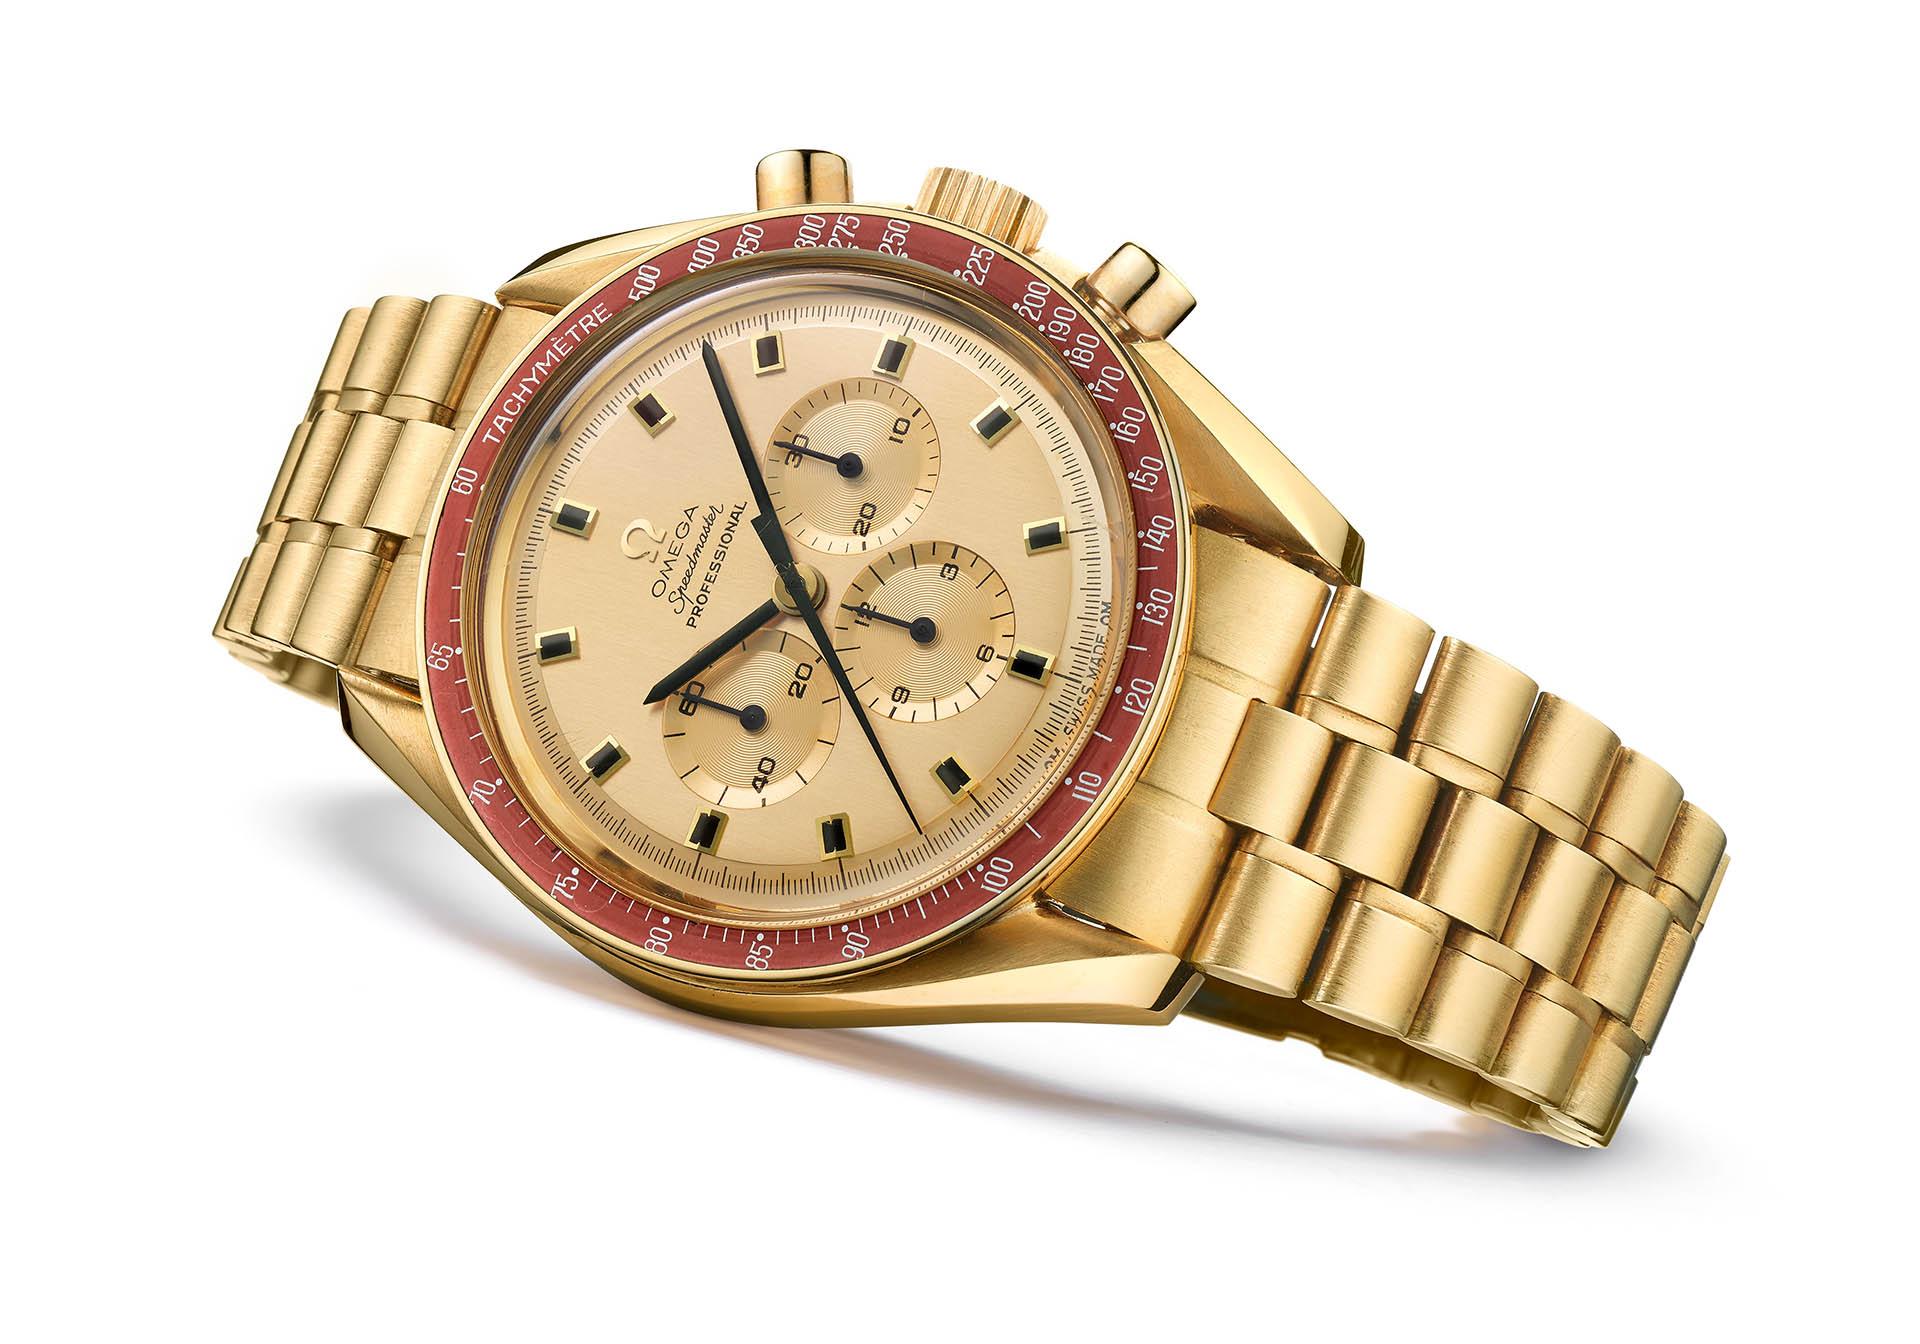 Es gab schon damals nur 1014 Exemplare des eleganten Gold-Chronographen.